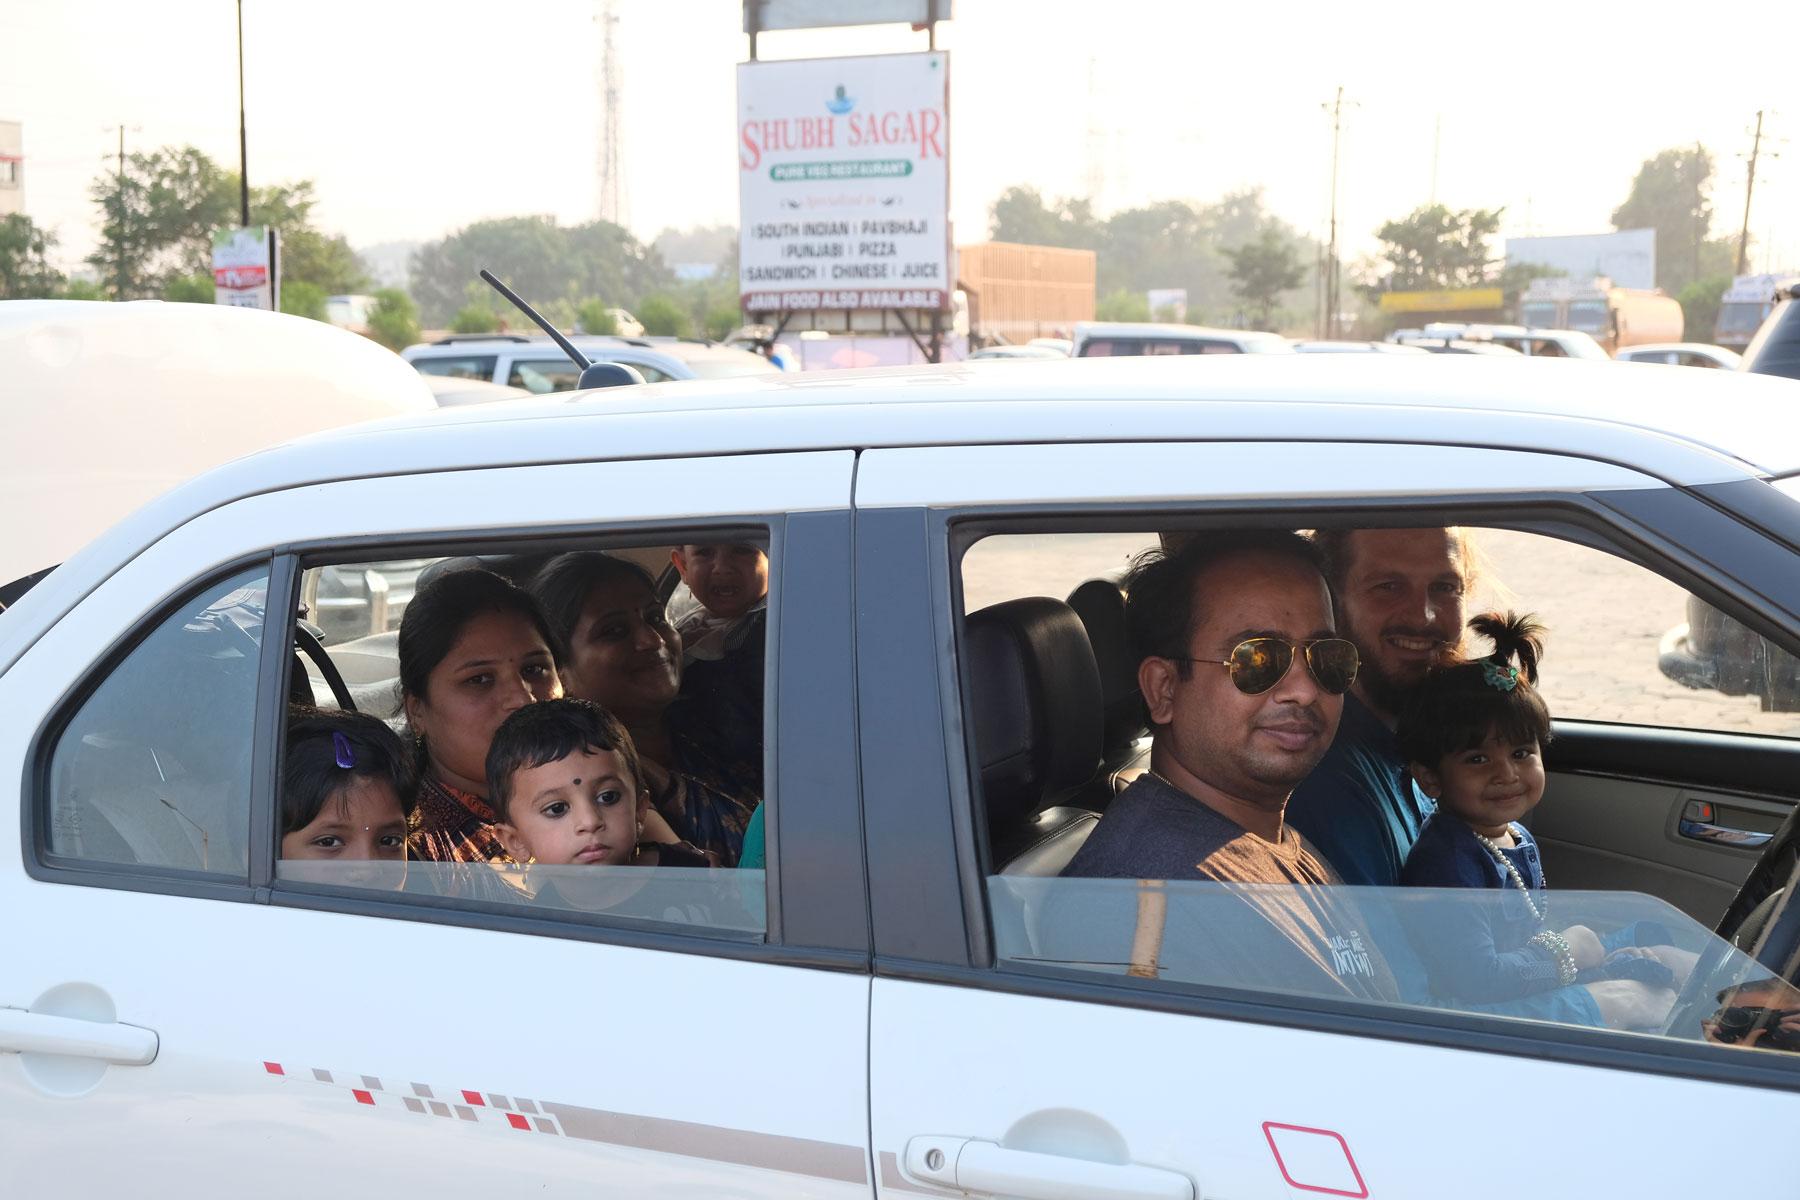 Sebastian und eine indische Familie in einem Auto.